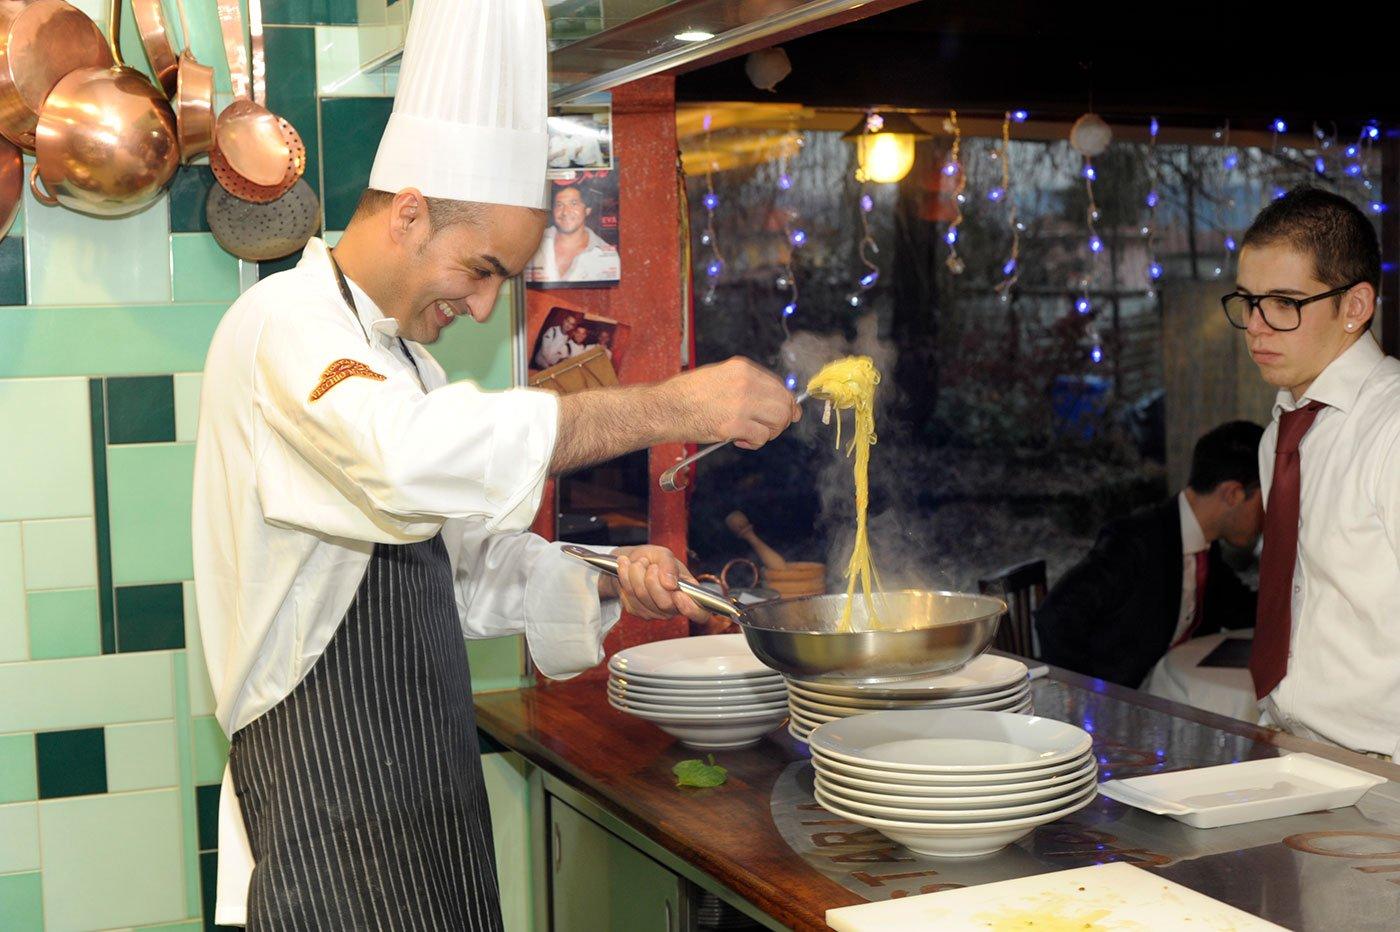 Un cuoco mentre serve degli spaghetti in un piatto